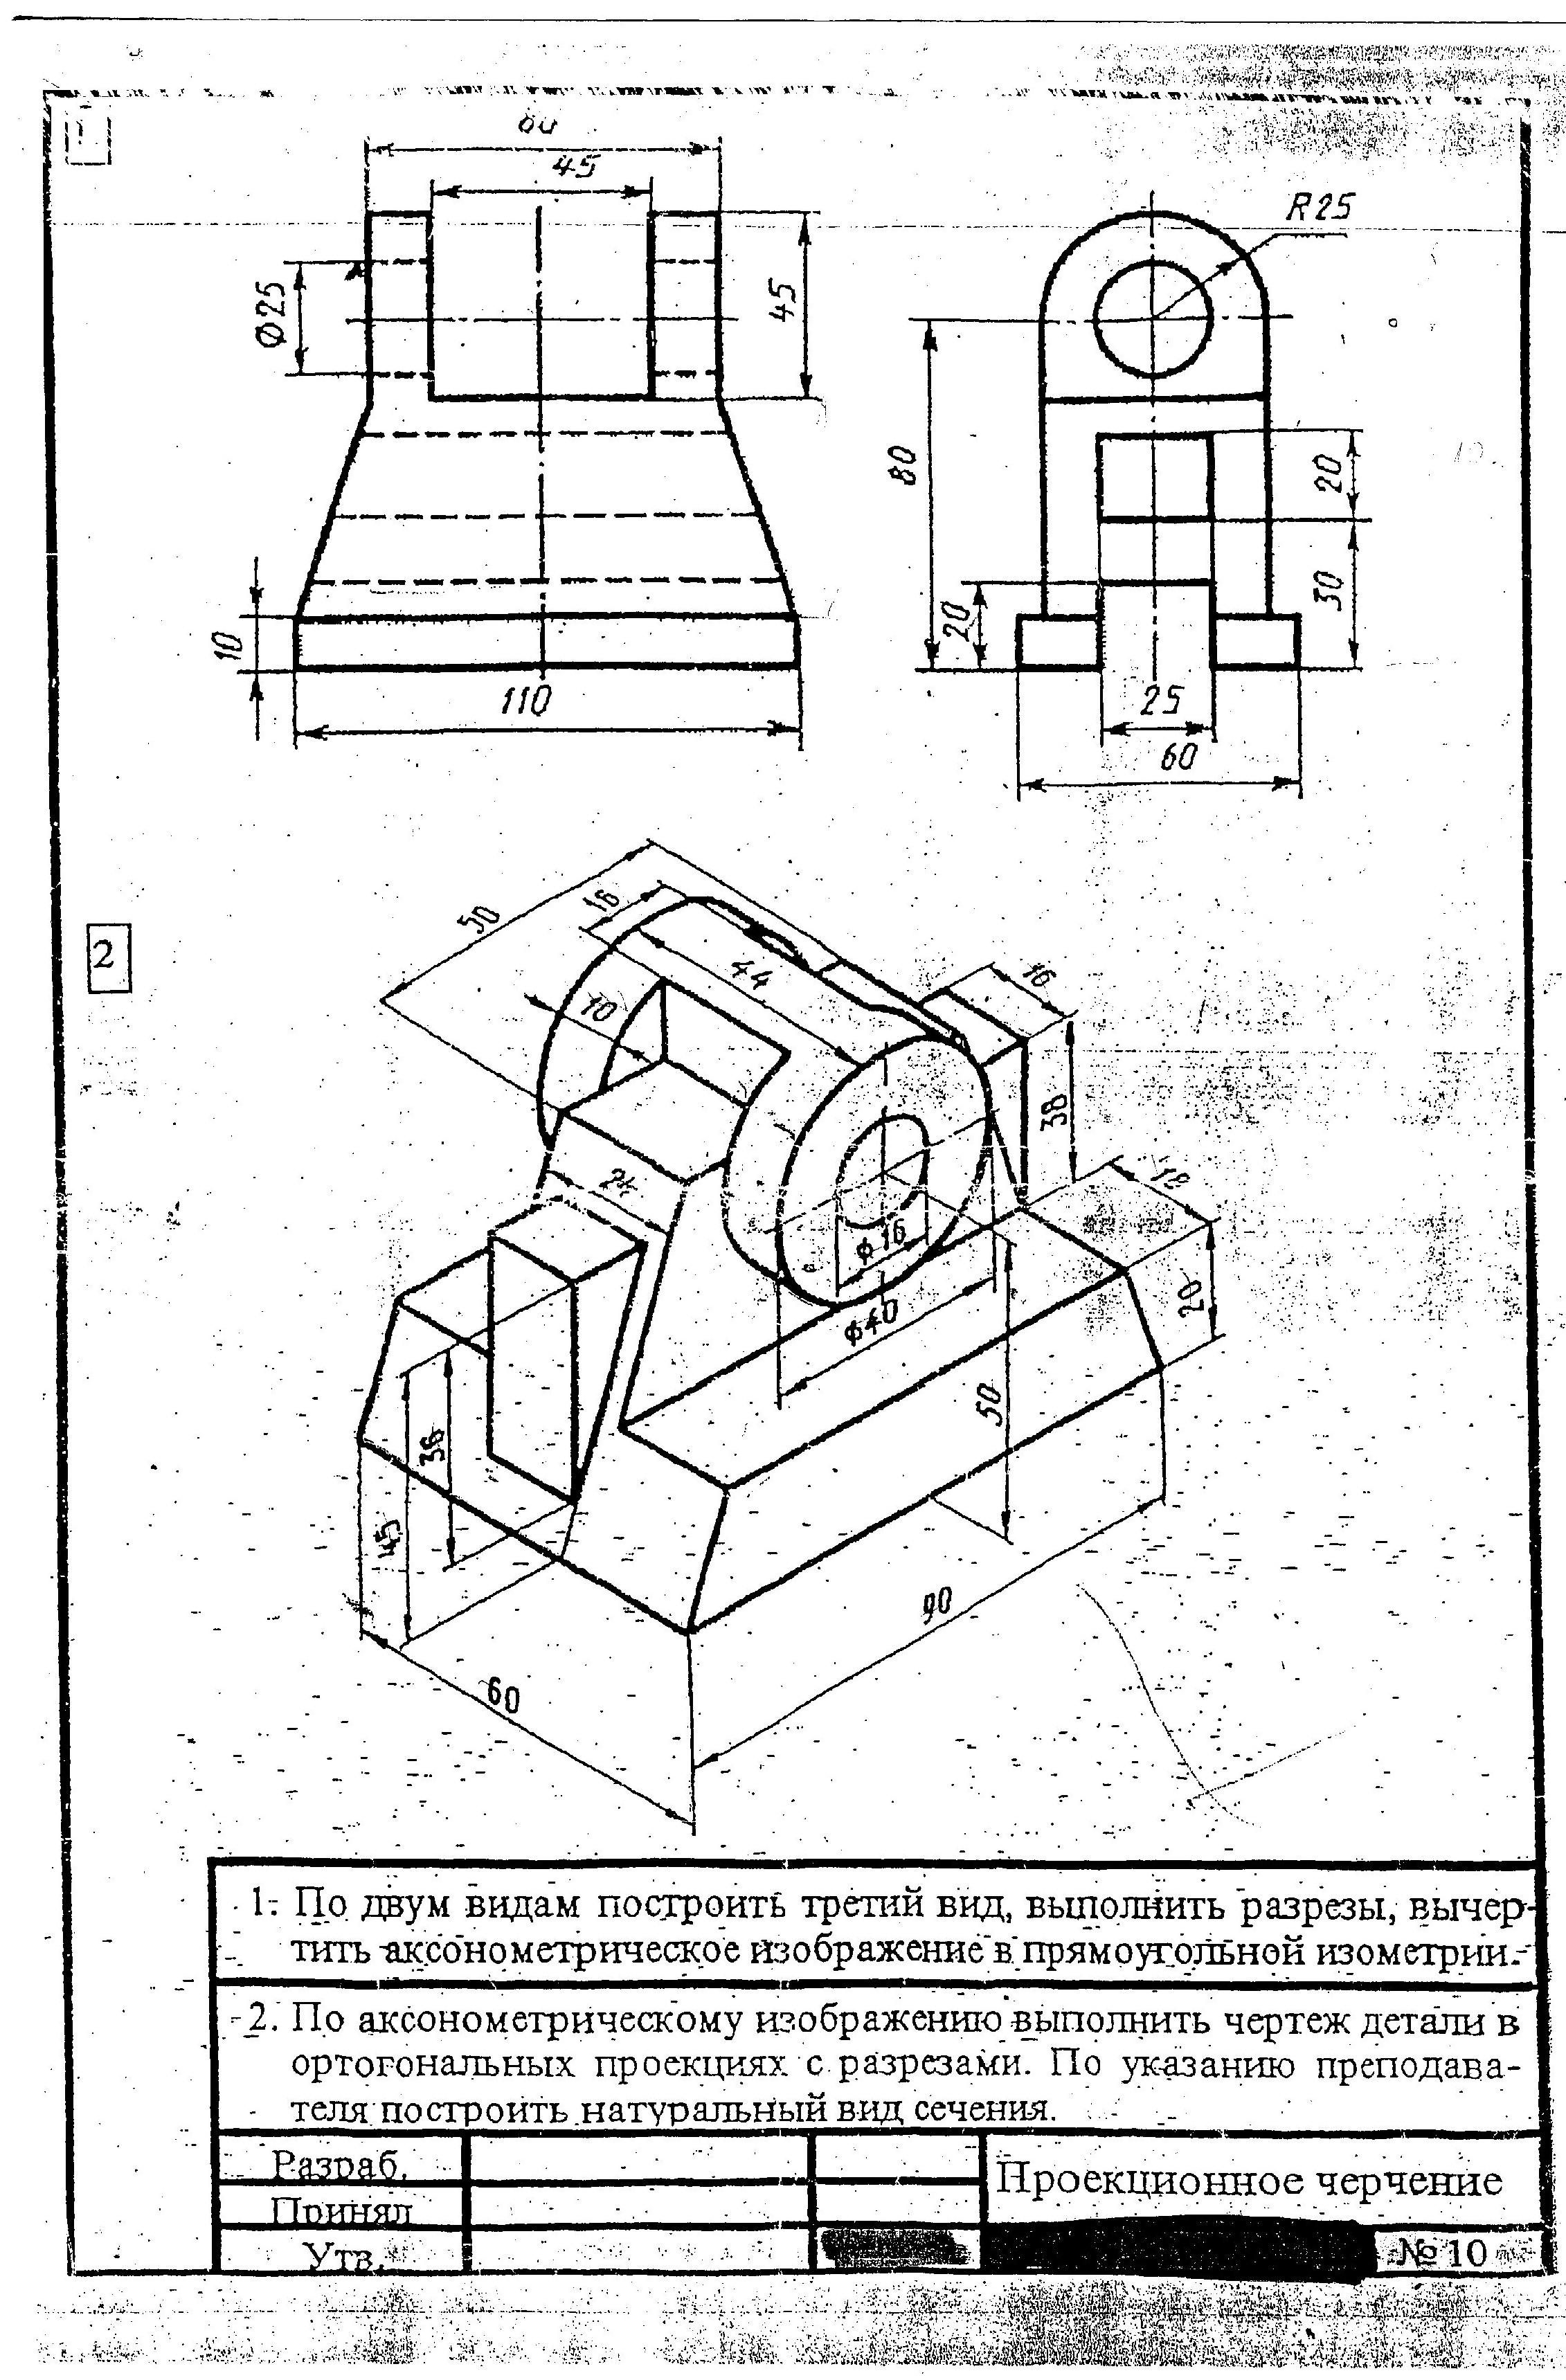 руководство по ремонту опель астра g 2000 года